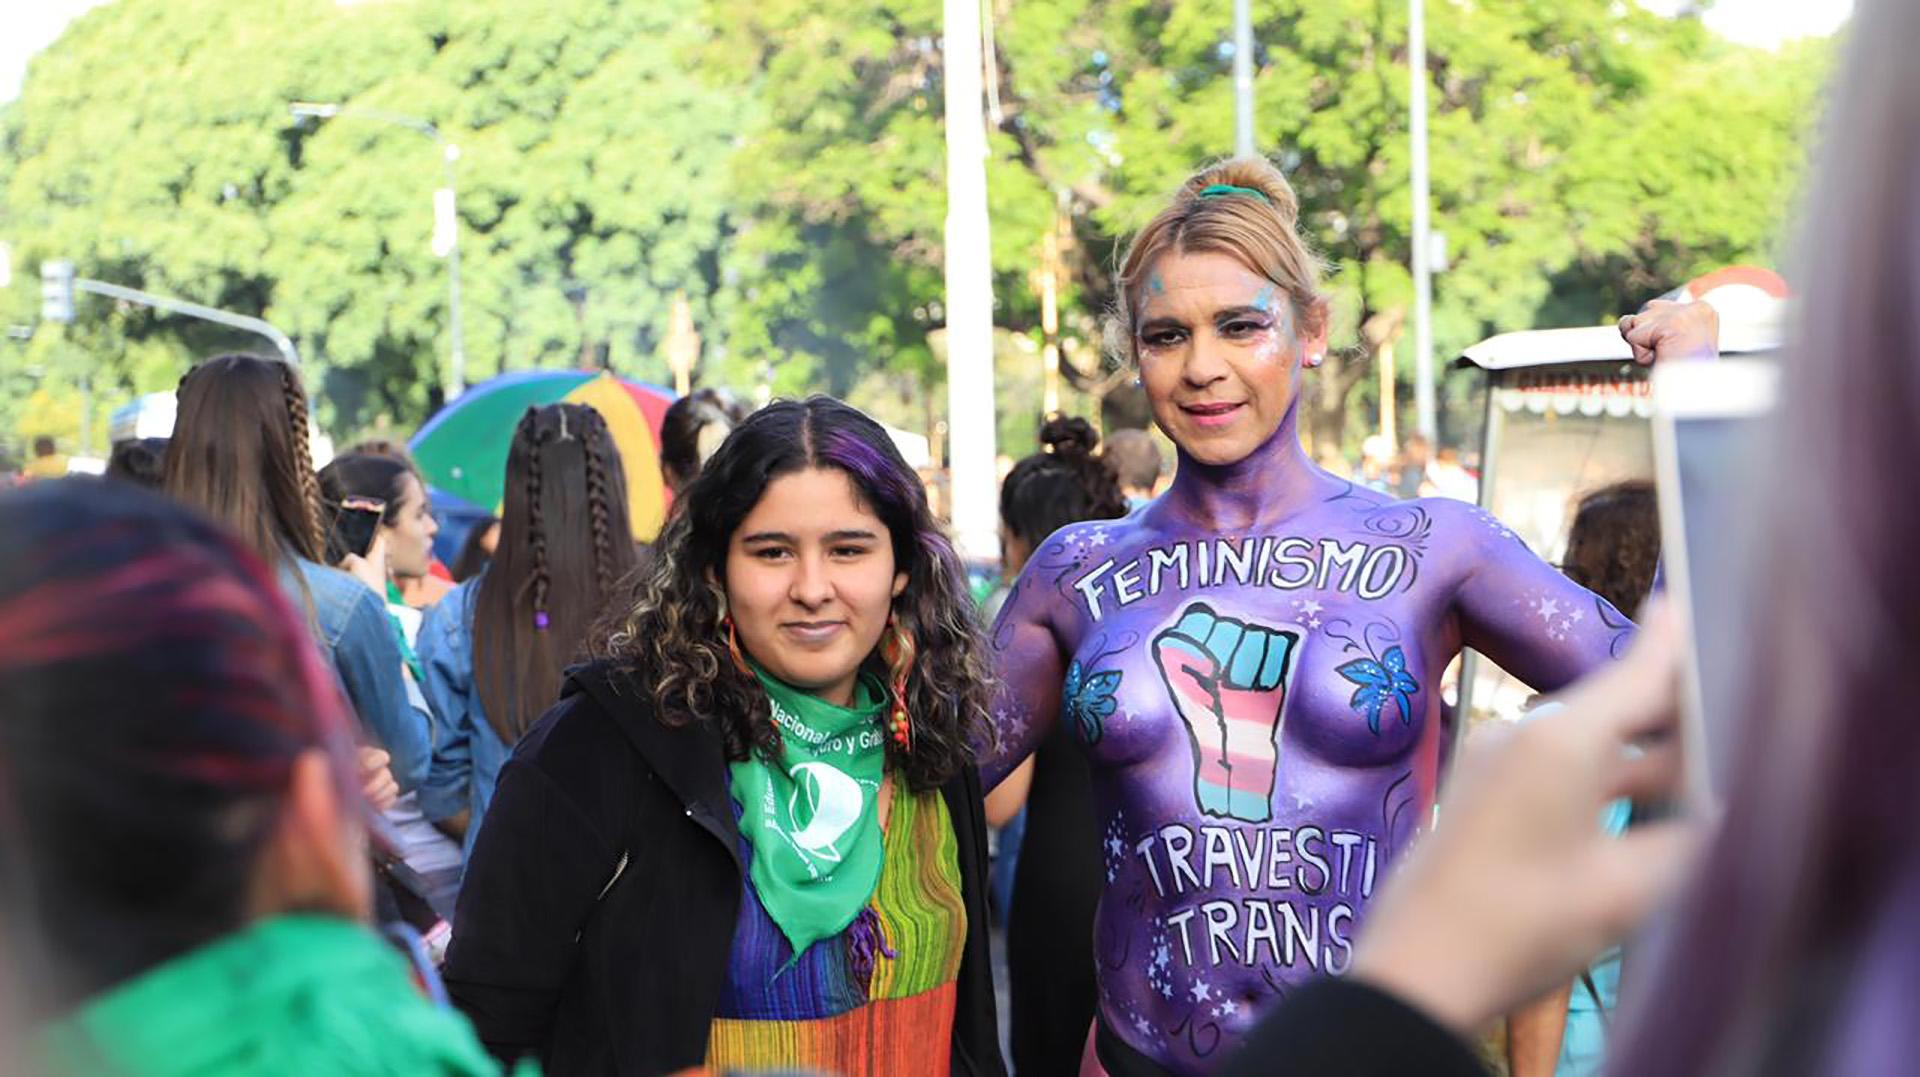 Durante varias semanas, distintas agrupaciones feministas organizaron en asamblea cómo sería la jornada del 8M, que incluyó un Paro Nacional de Mujeres (Lihueel Althabe)